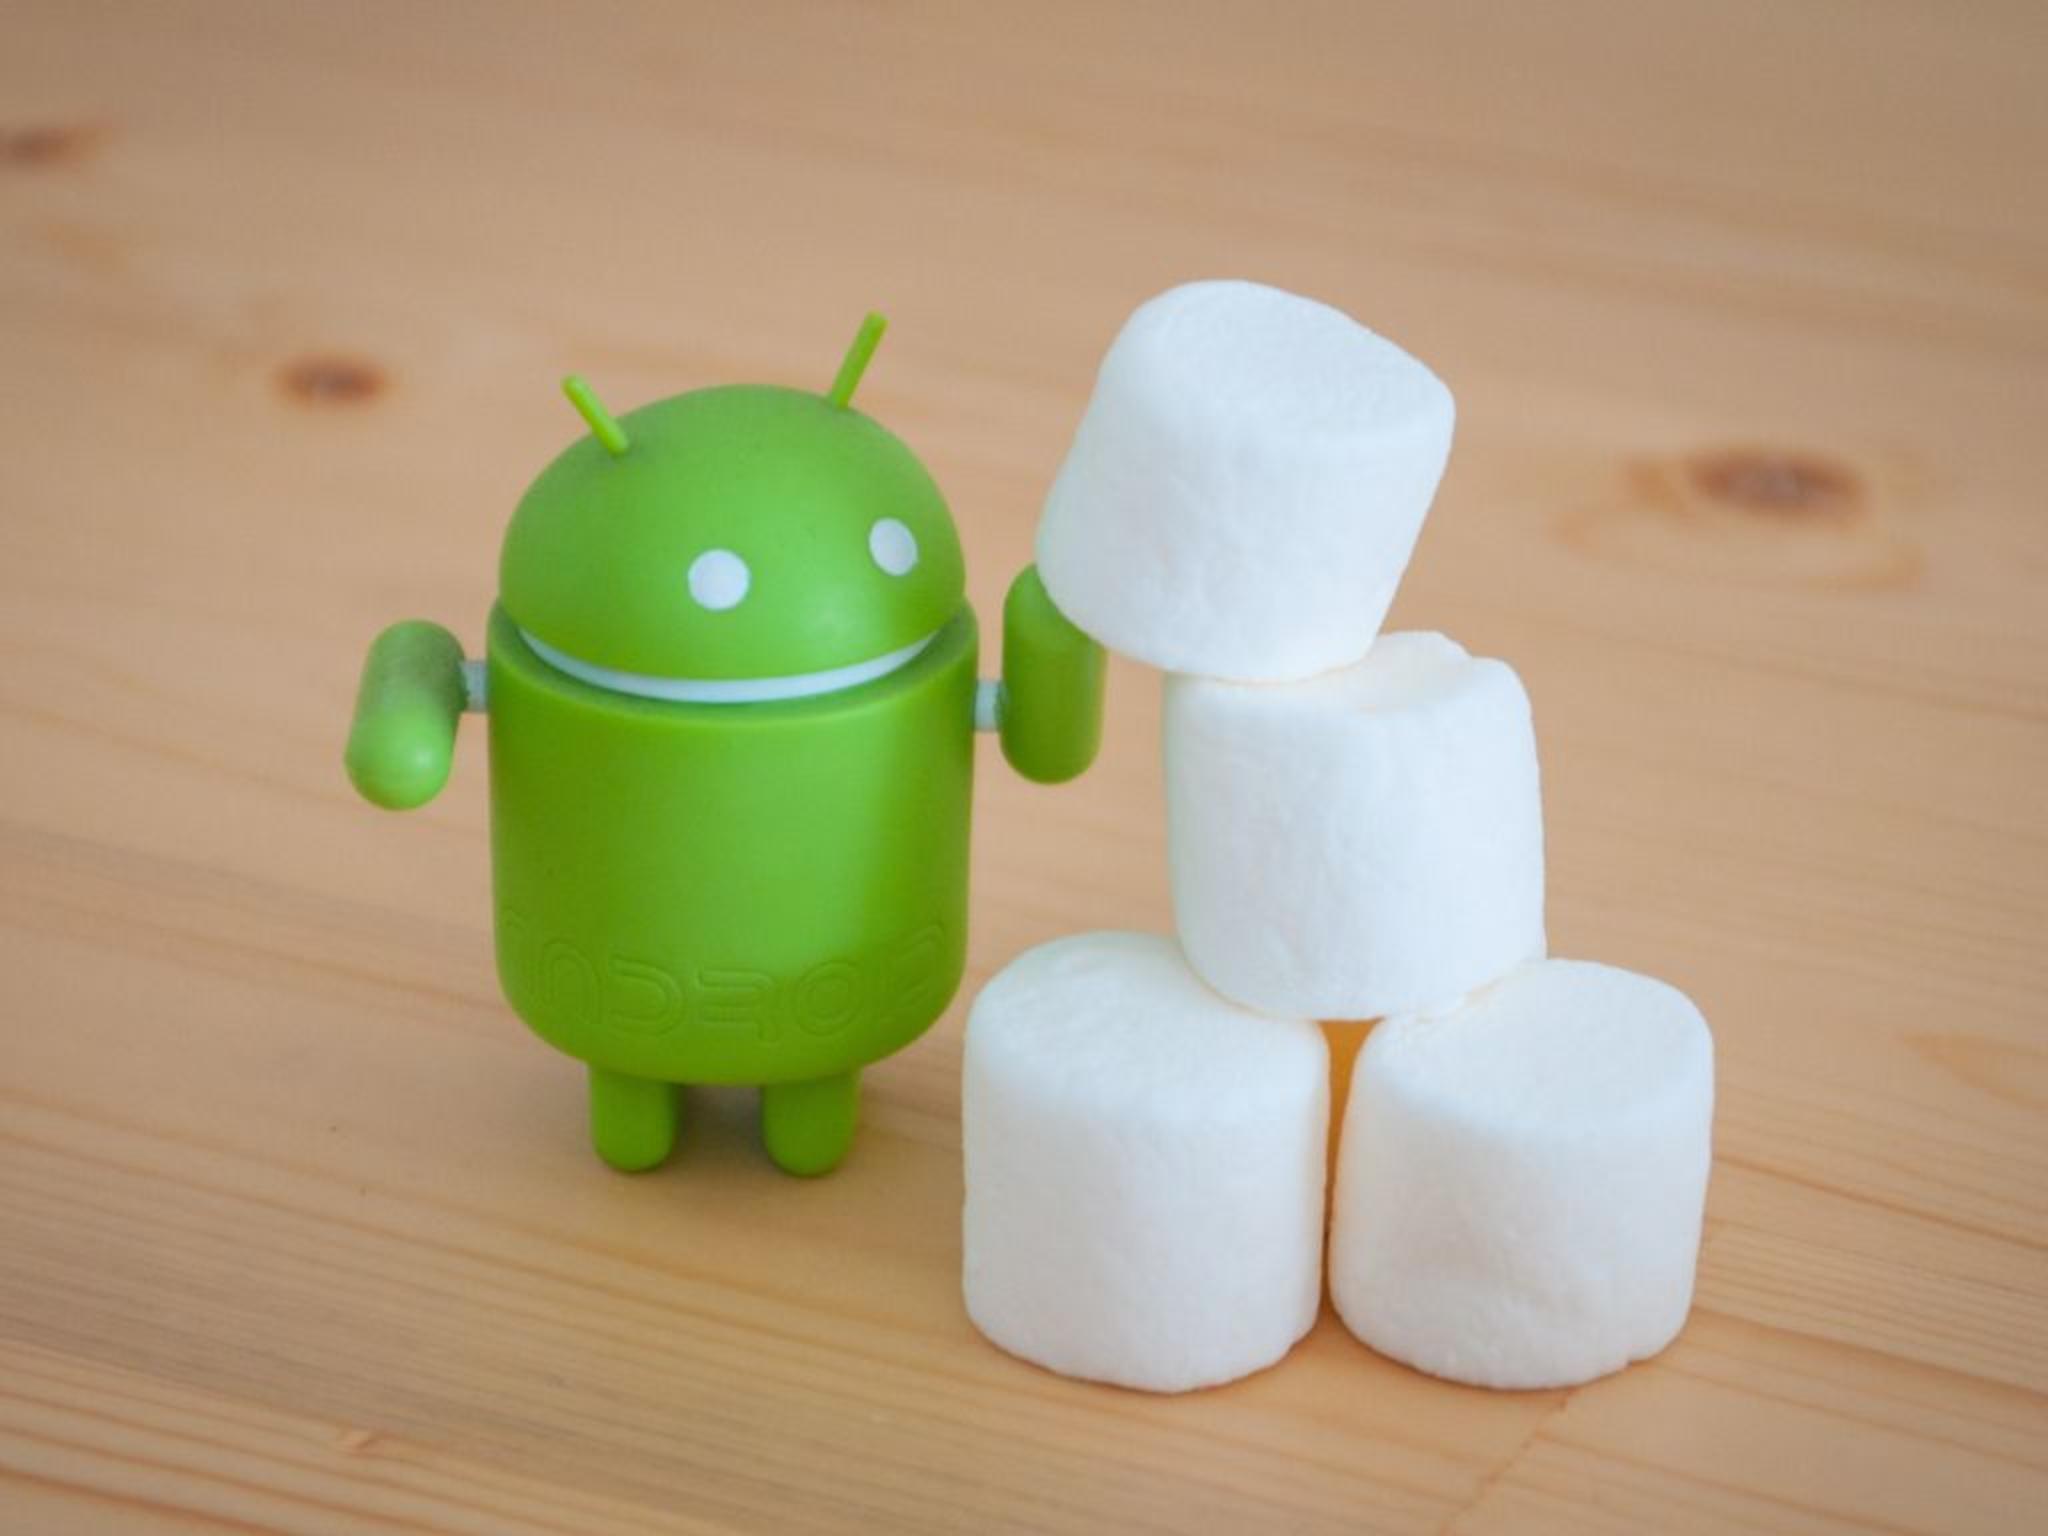 Ab sofort werden mit Android Marshmallows geröstet.